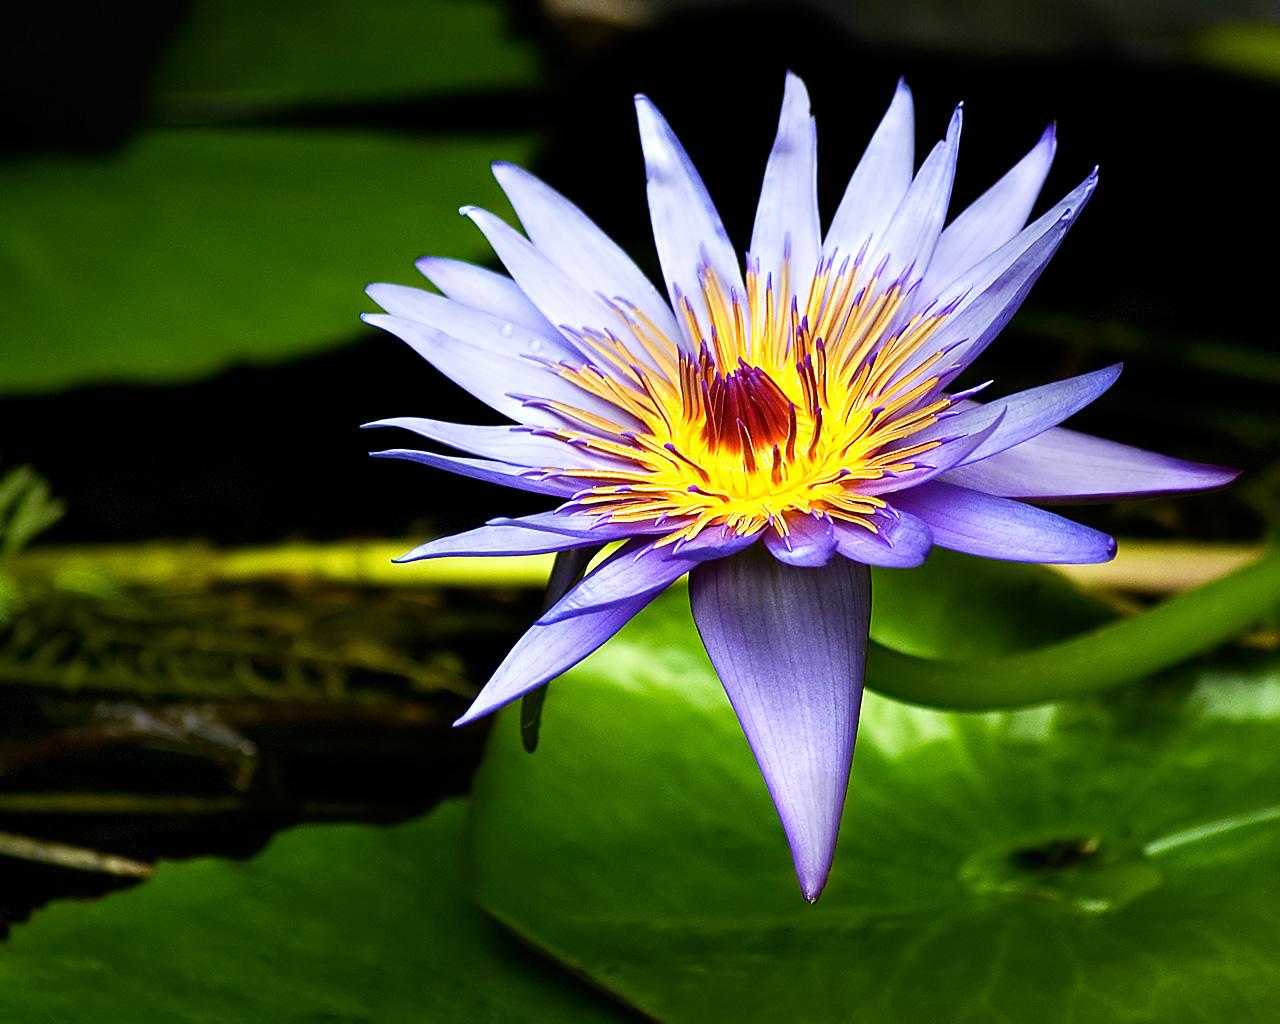 http://2.bp.blogspot.com/-ZePYpaCqSAA/TfZMS6iU4pI/AAAAAAAAAH0/oSFfELqixX4/s1600/Lilies+Flowers+Wallpaper9.jpg